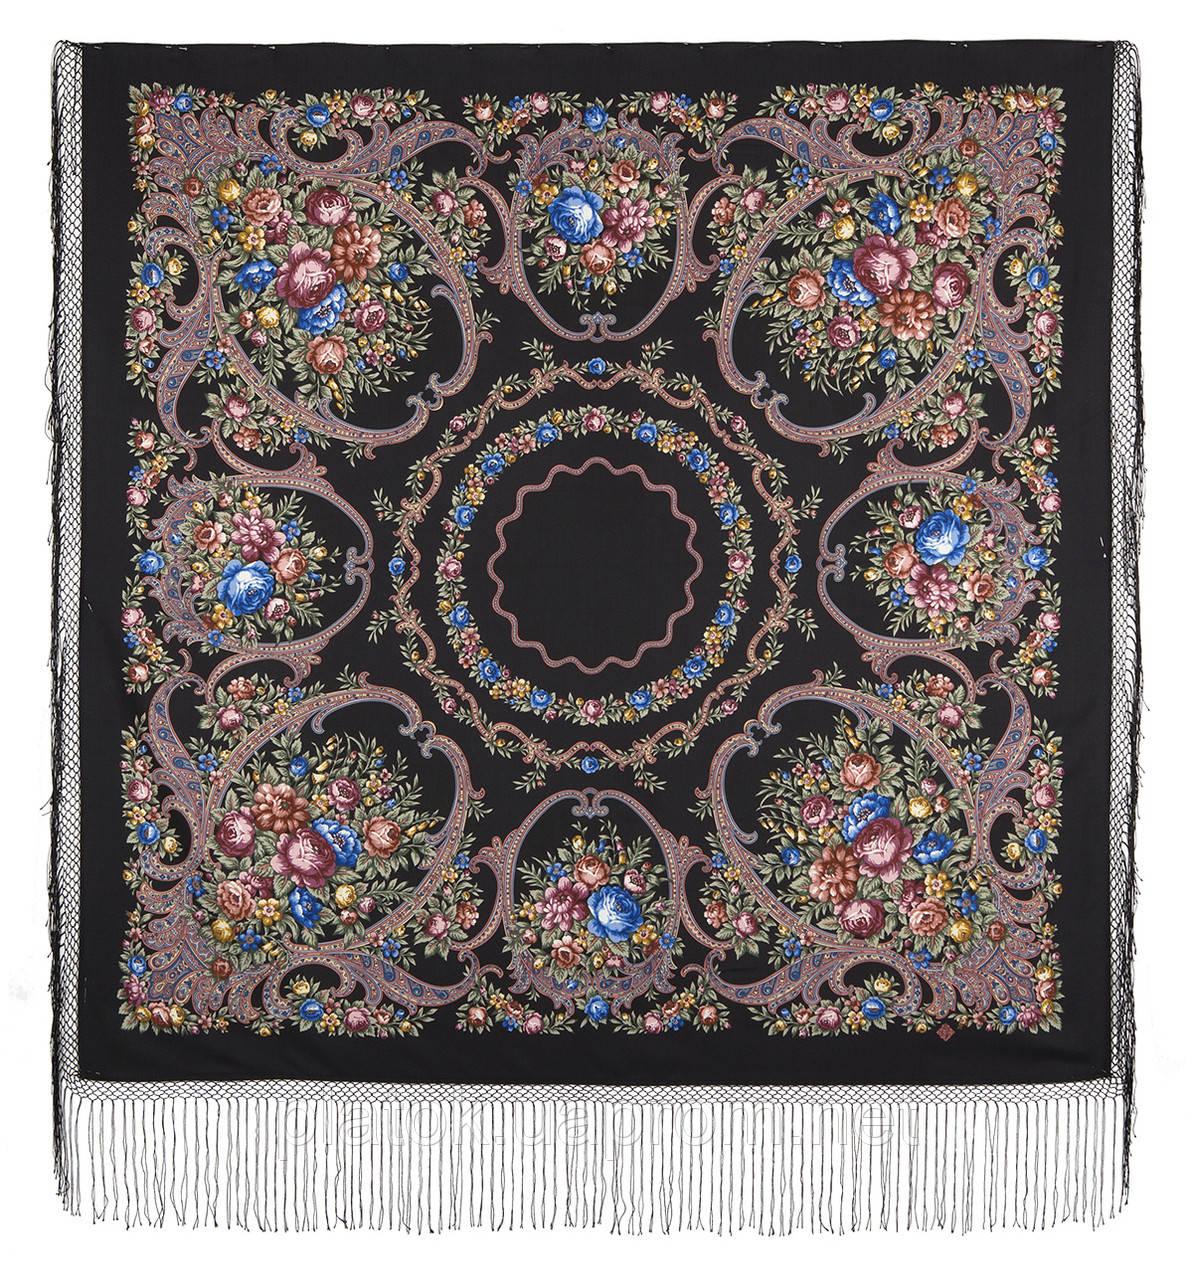 Русские сезоны 948-19, павлопосадский платок (шаль) из уплотненной шерсти с шелковой вязанной бахромой